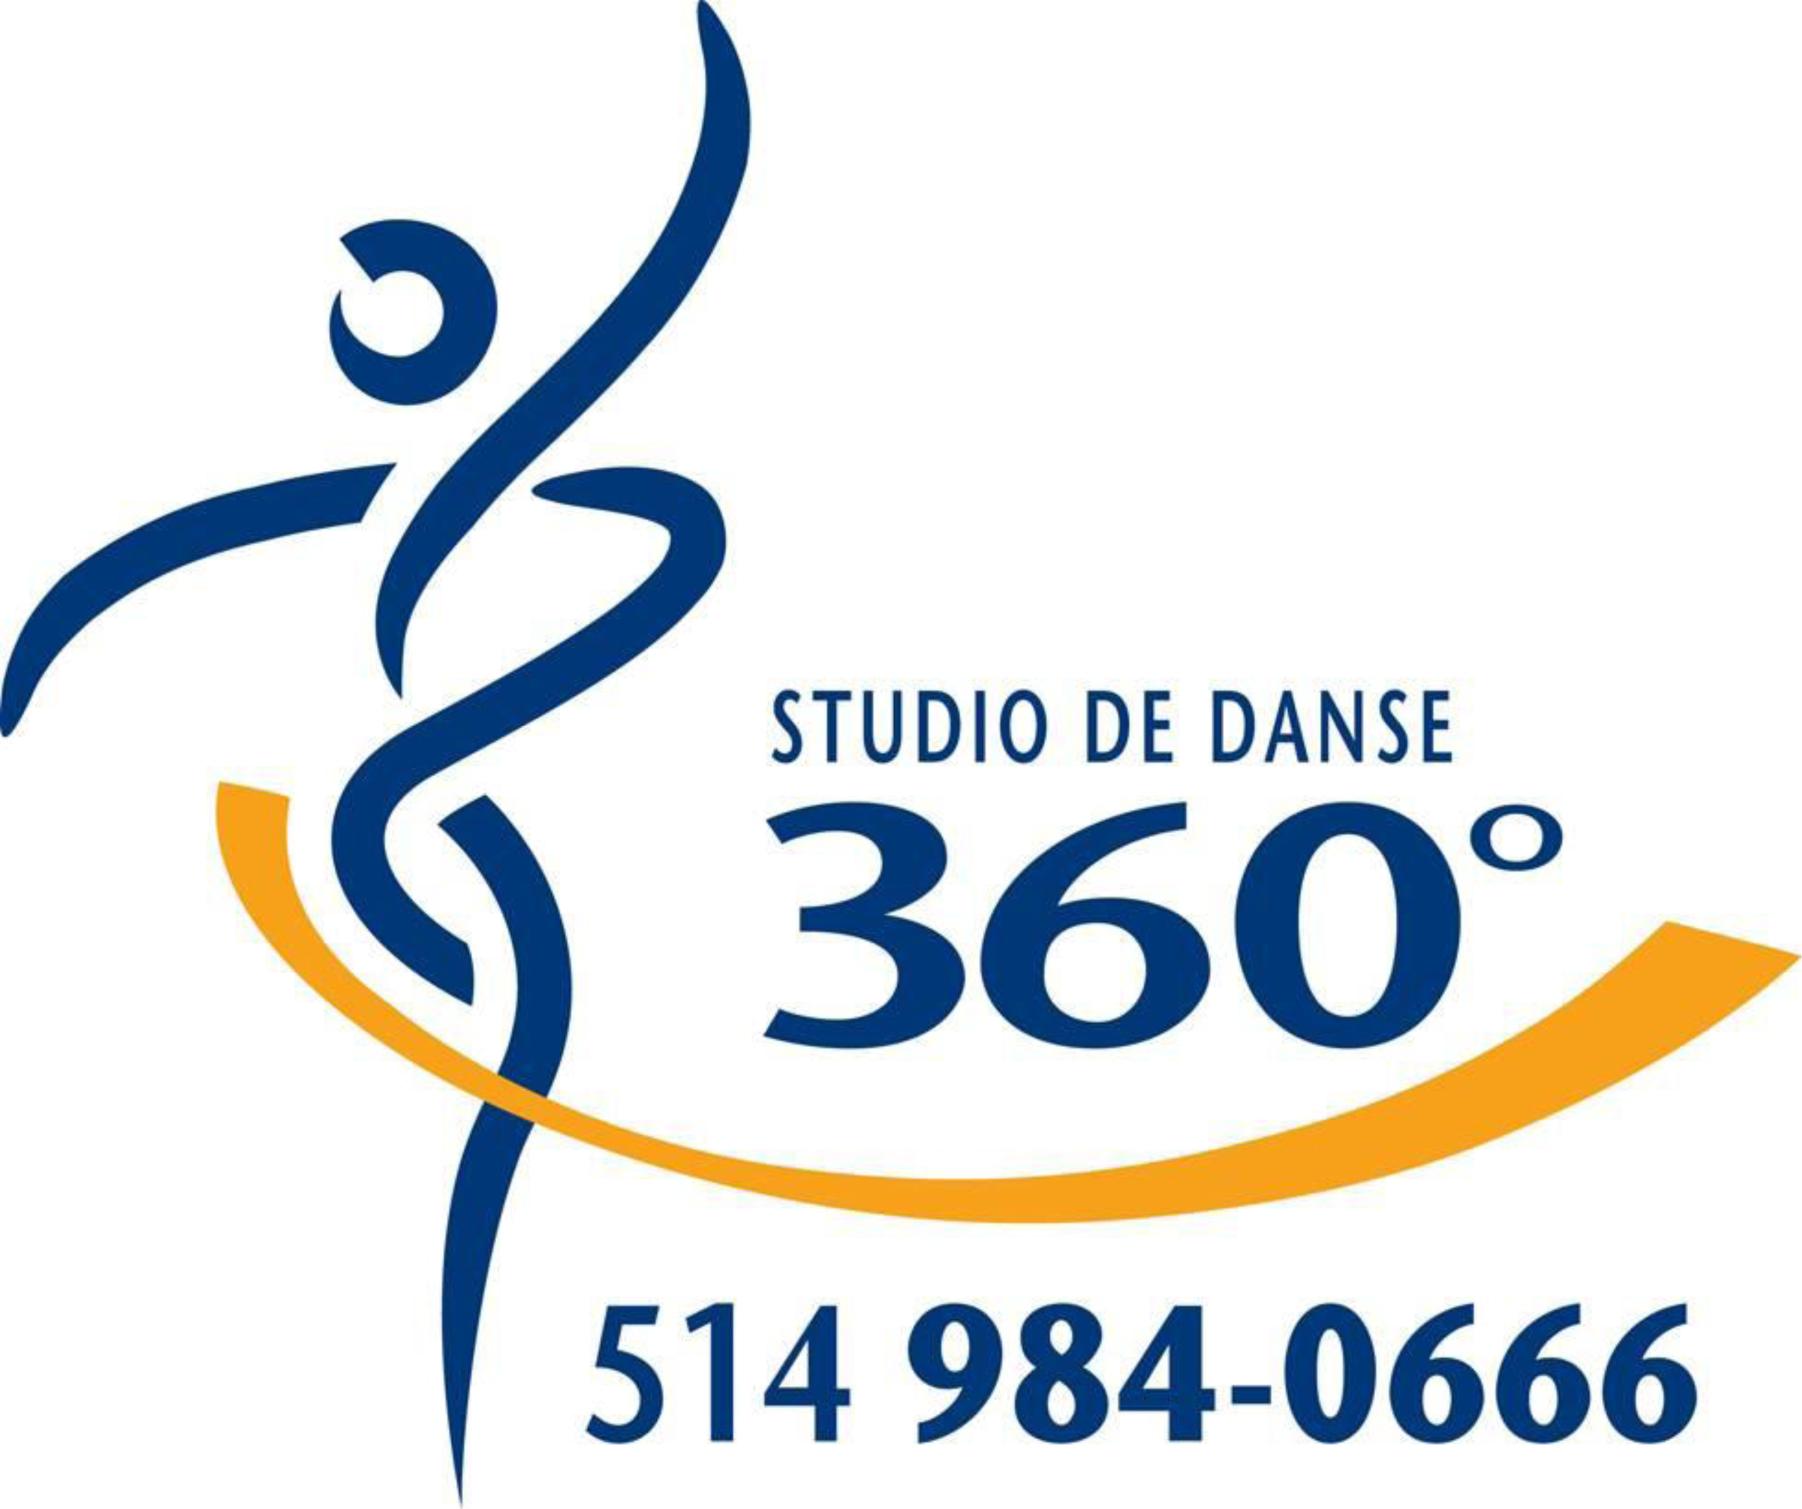 Danse 360